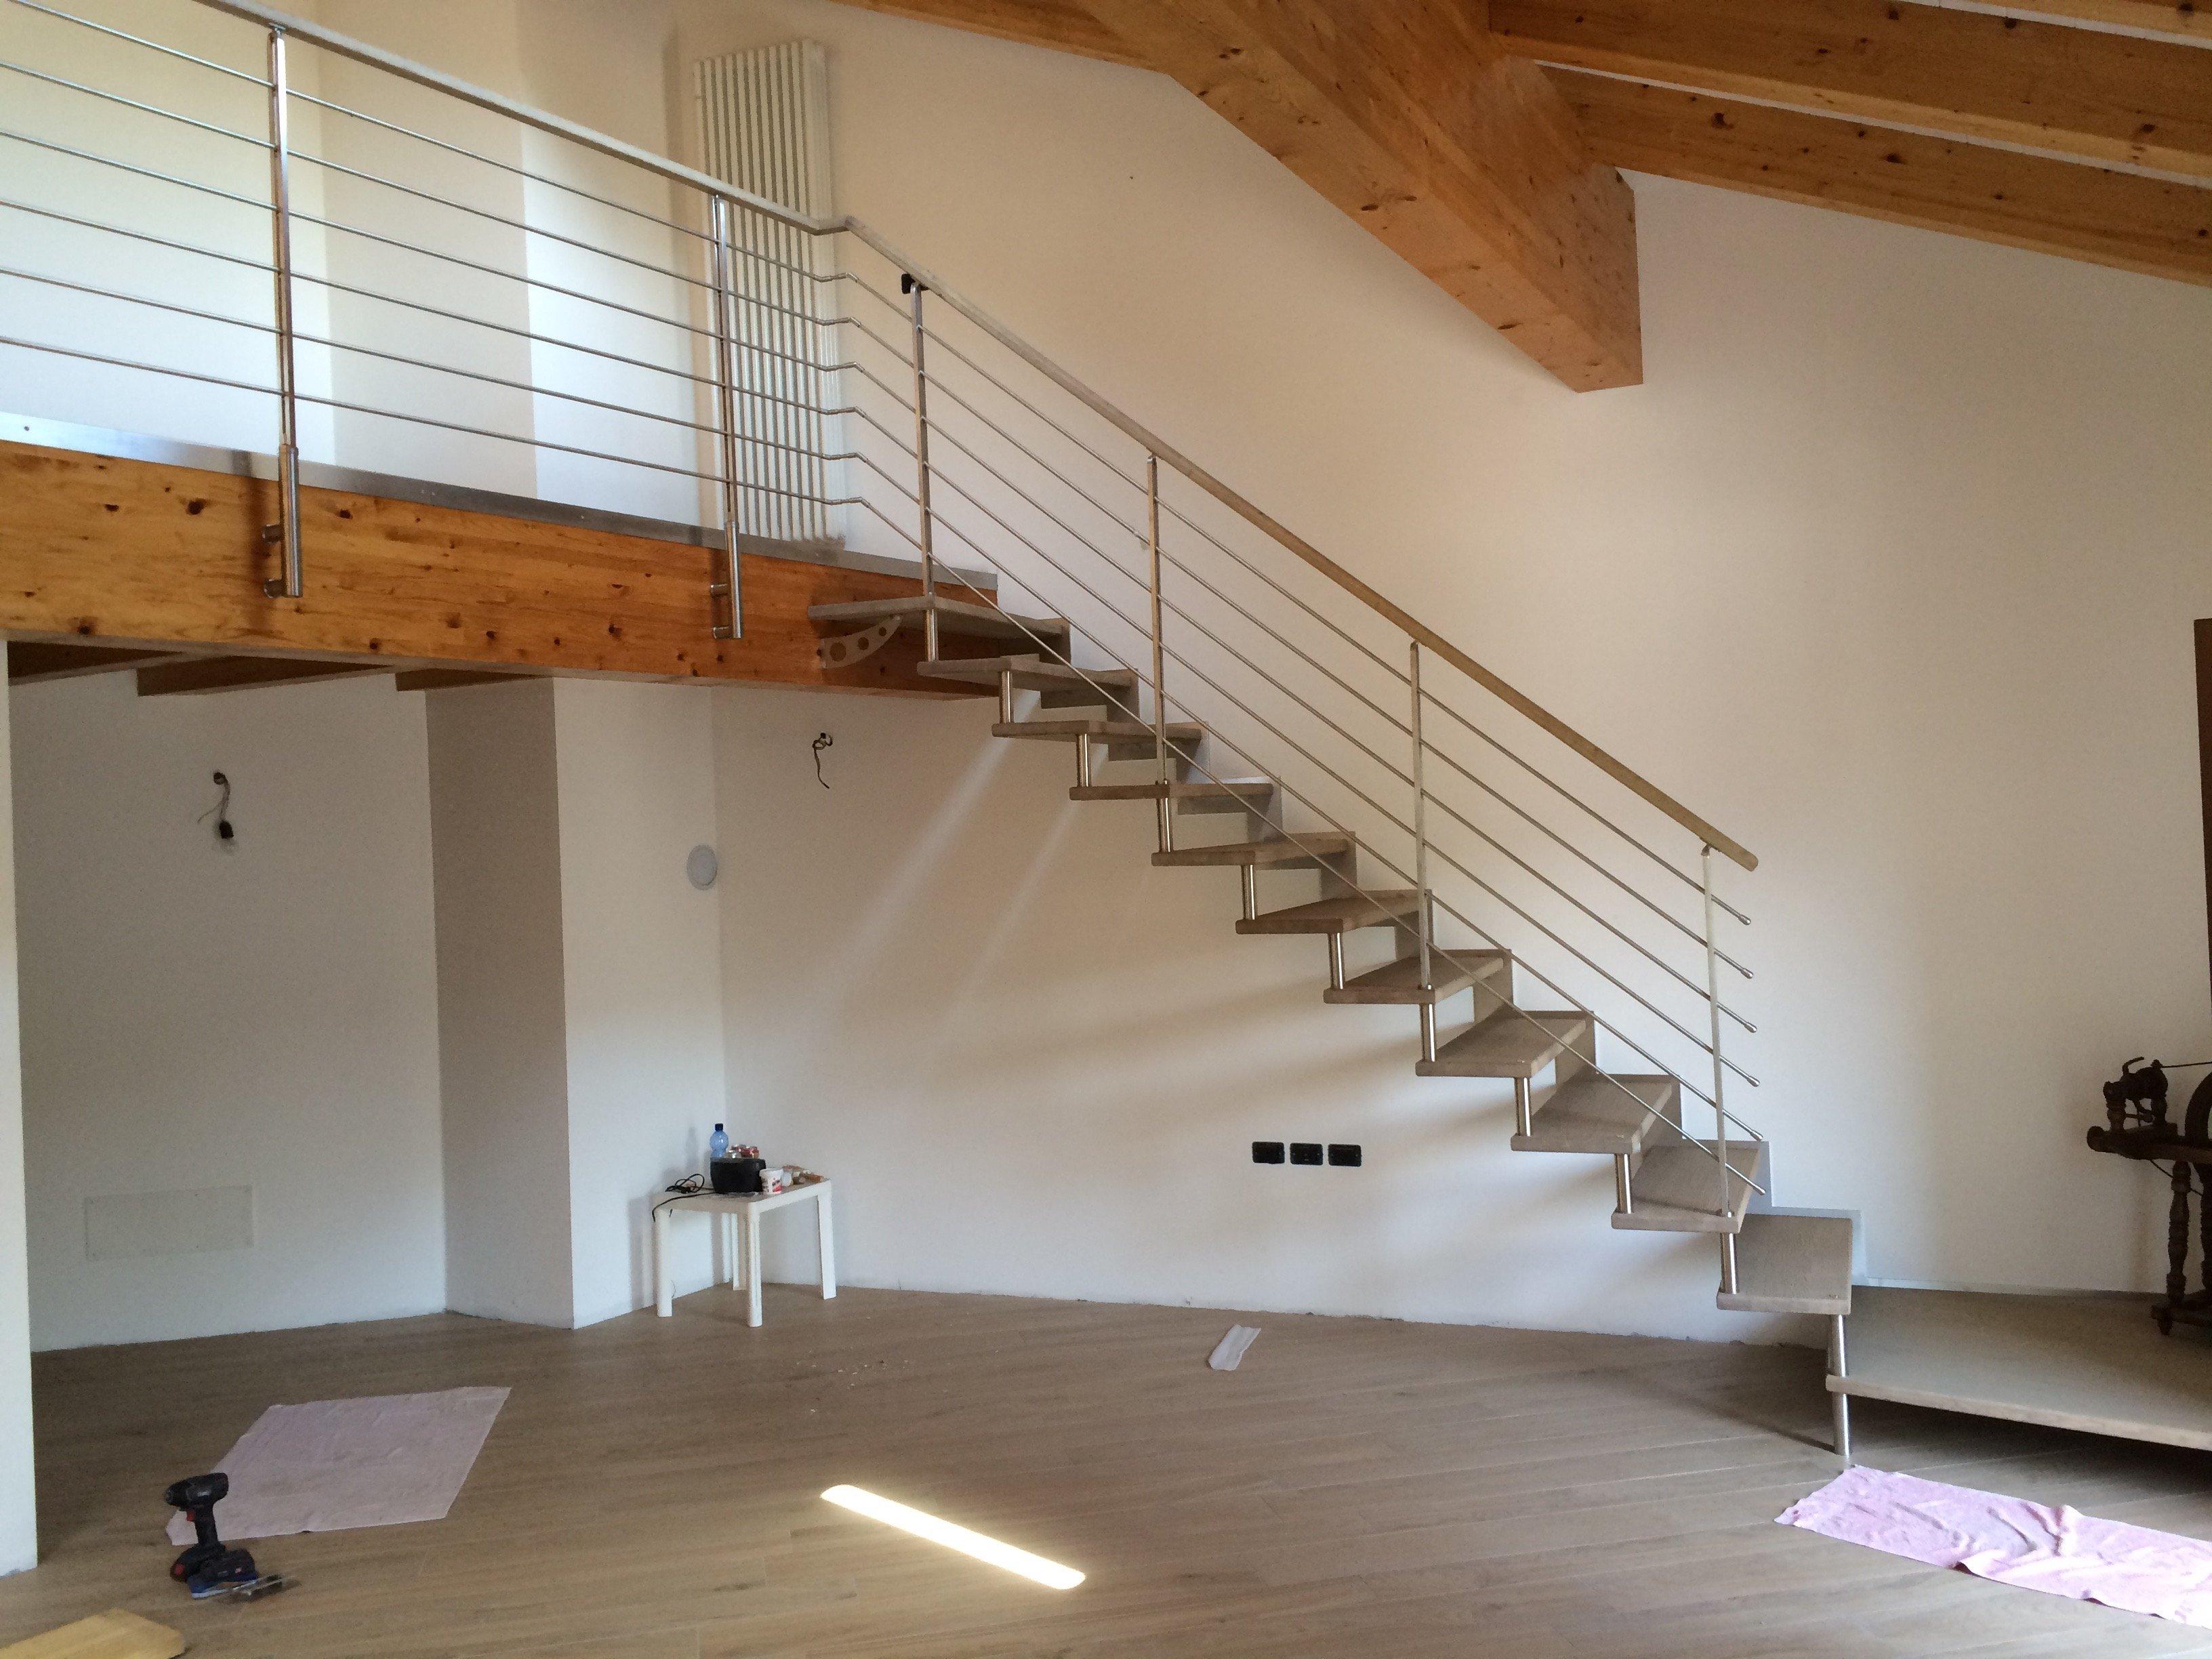 ringhiera coperta di una bella scala con pavimento di legno